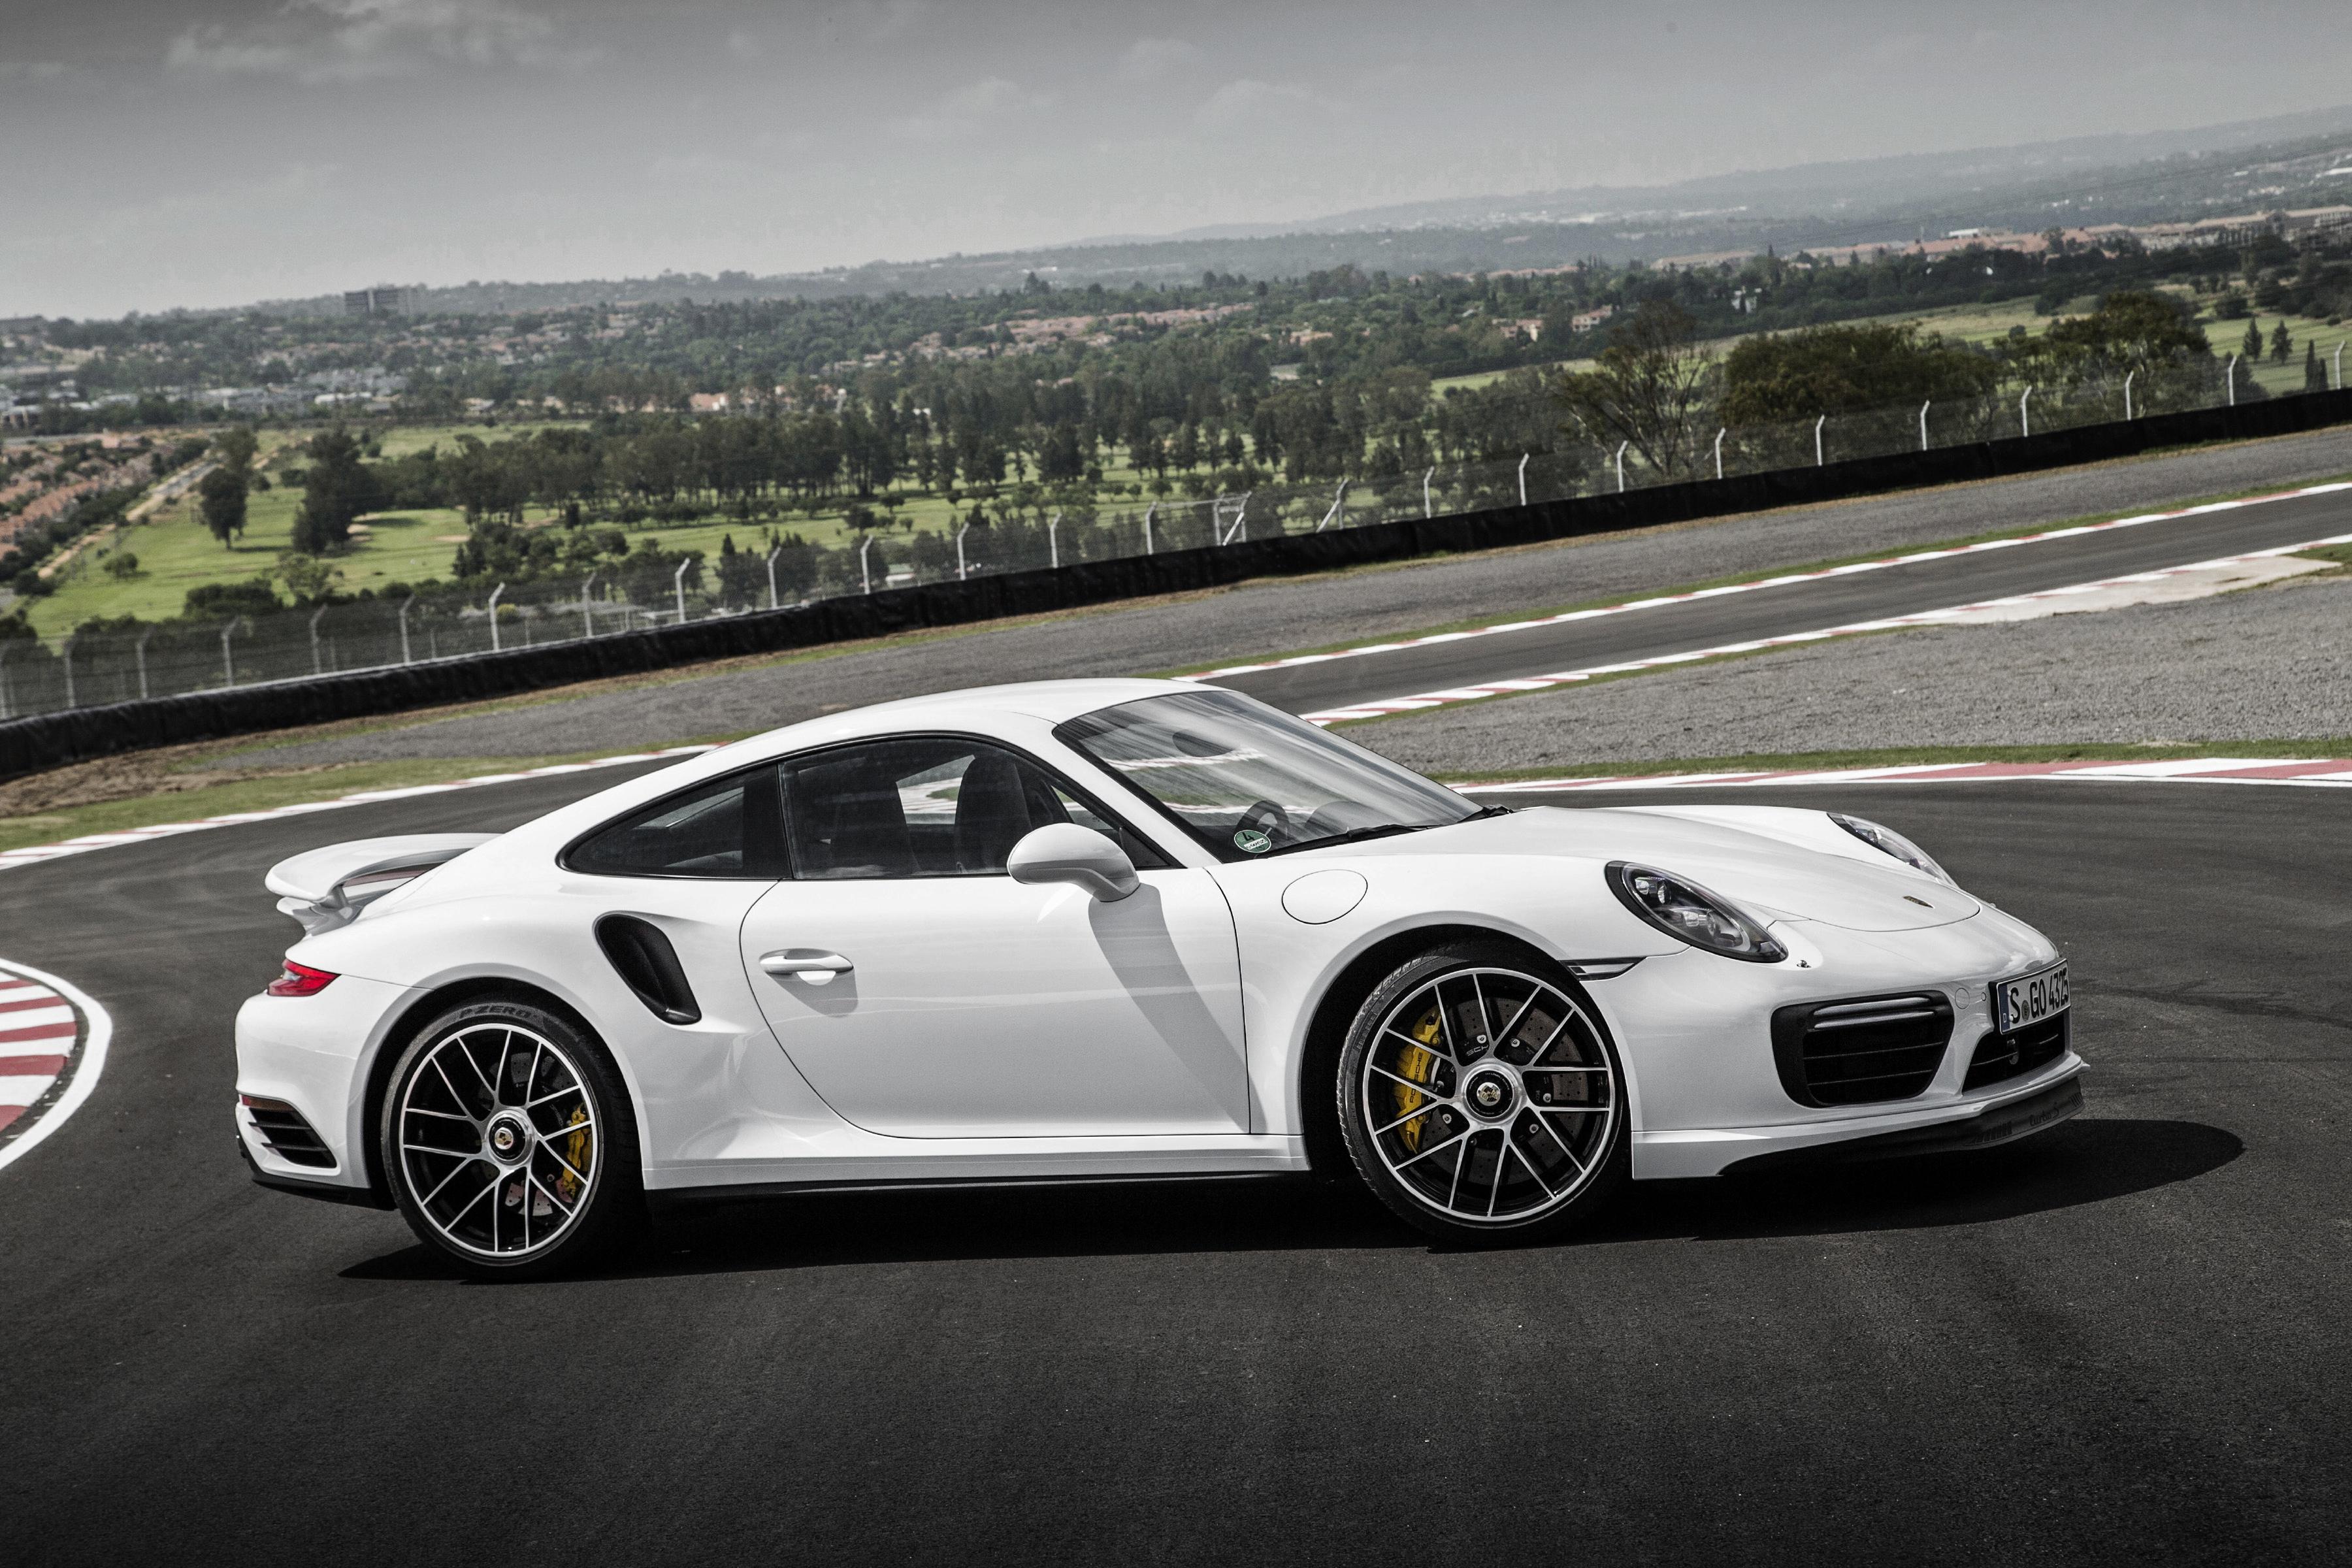 Fondos De Pantalla 3600x2400 Porsche 911 Turbo S Coupe